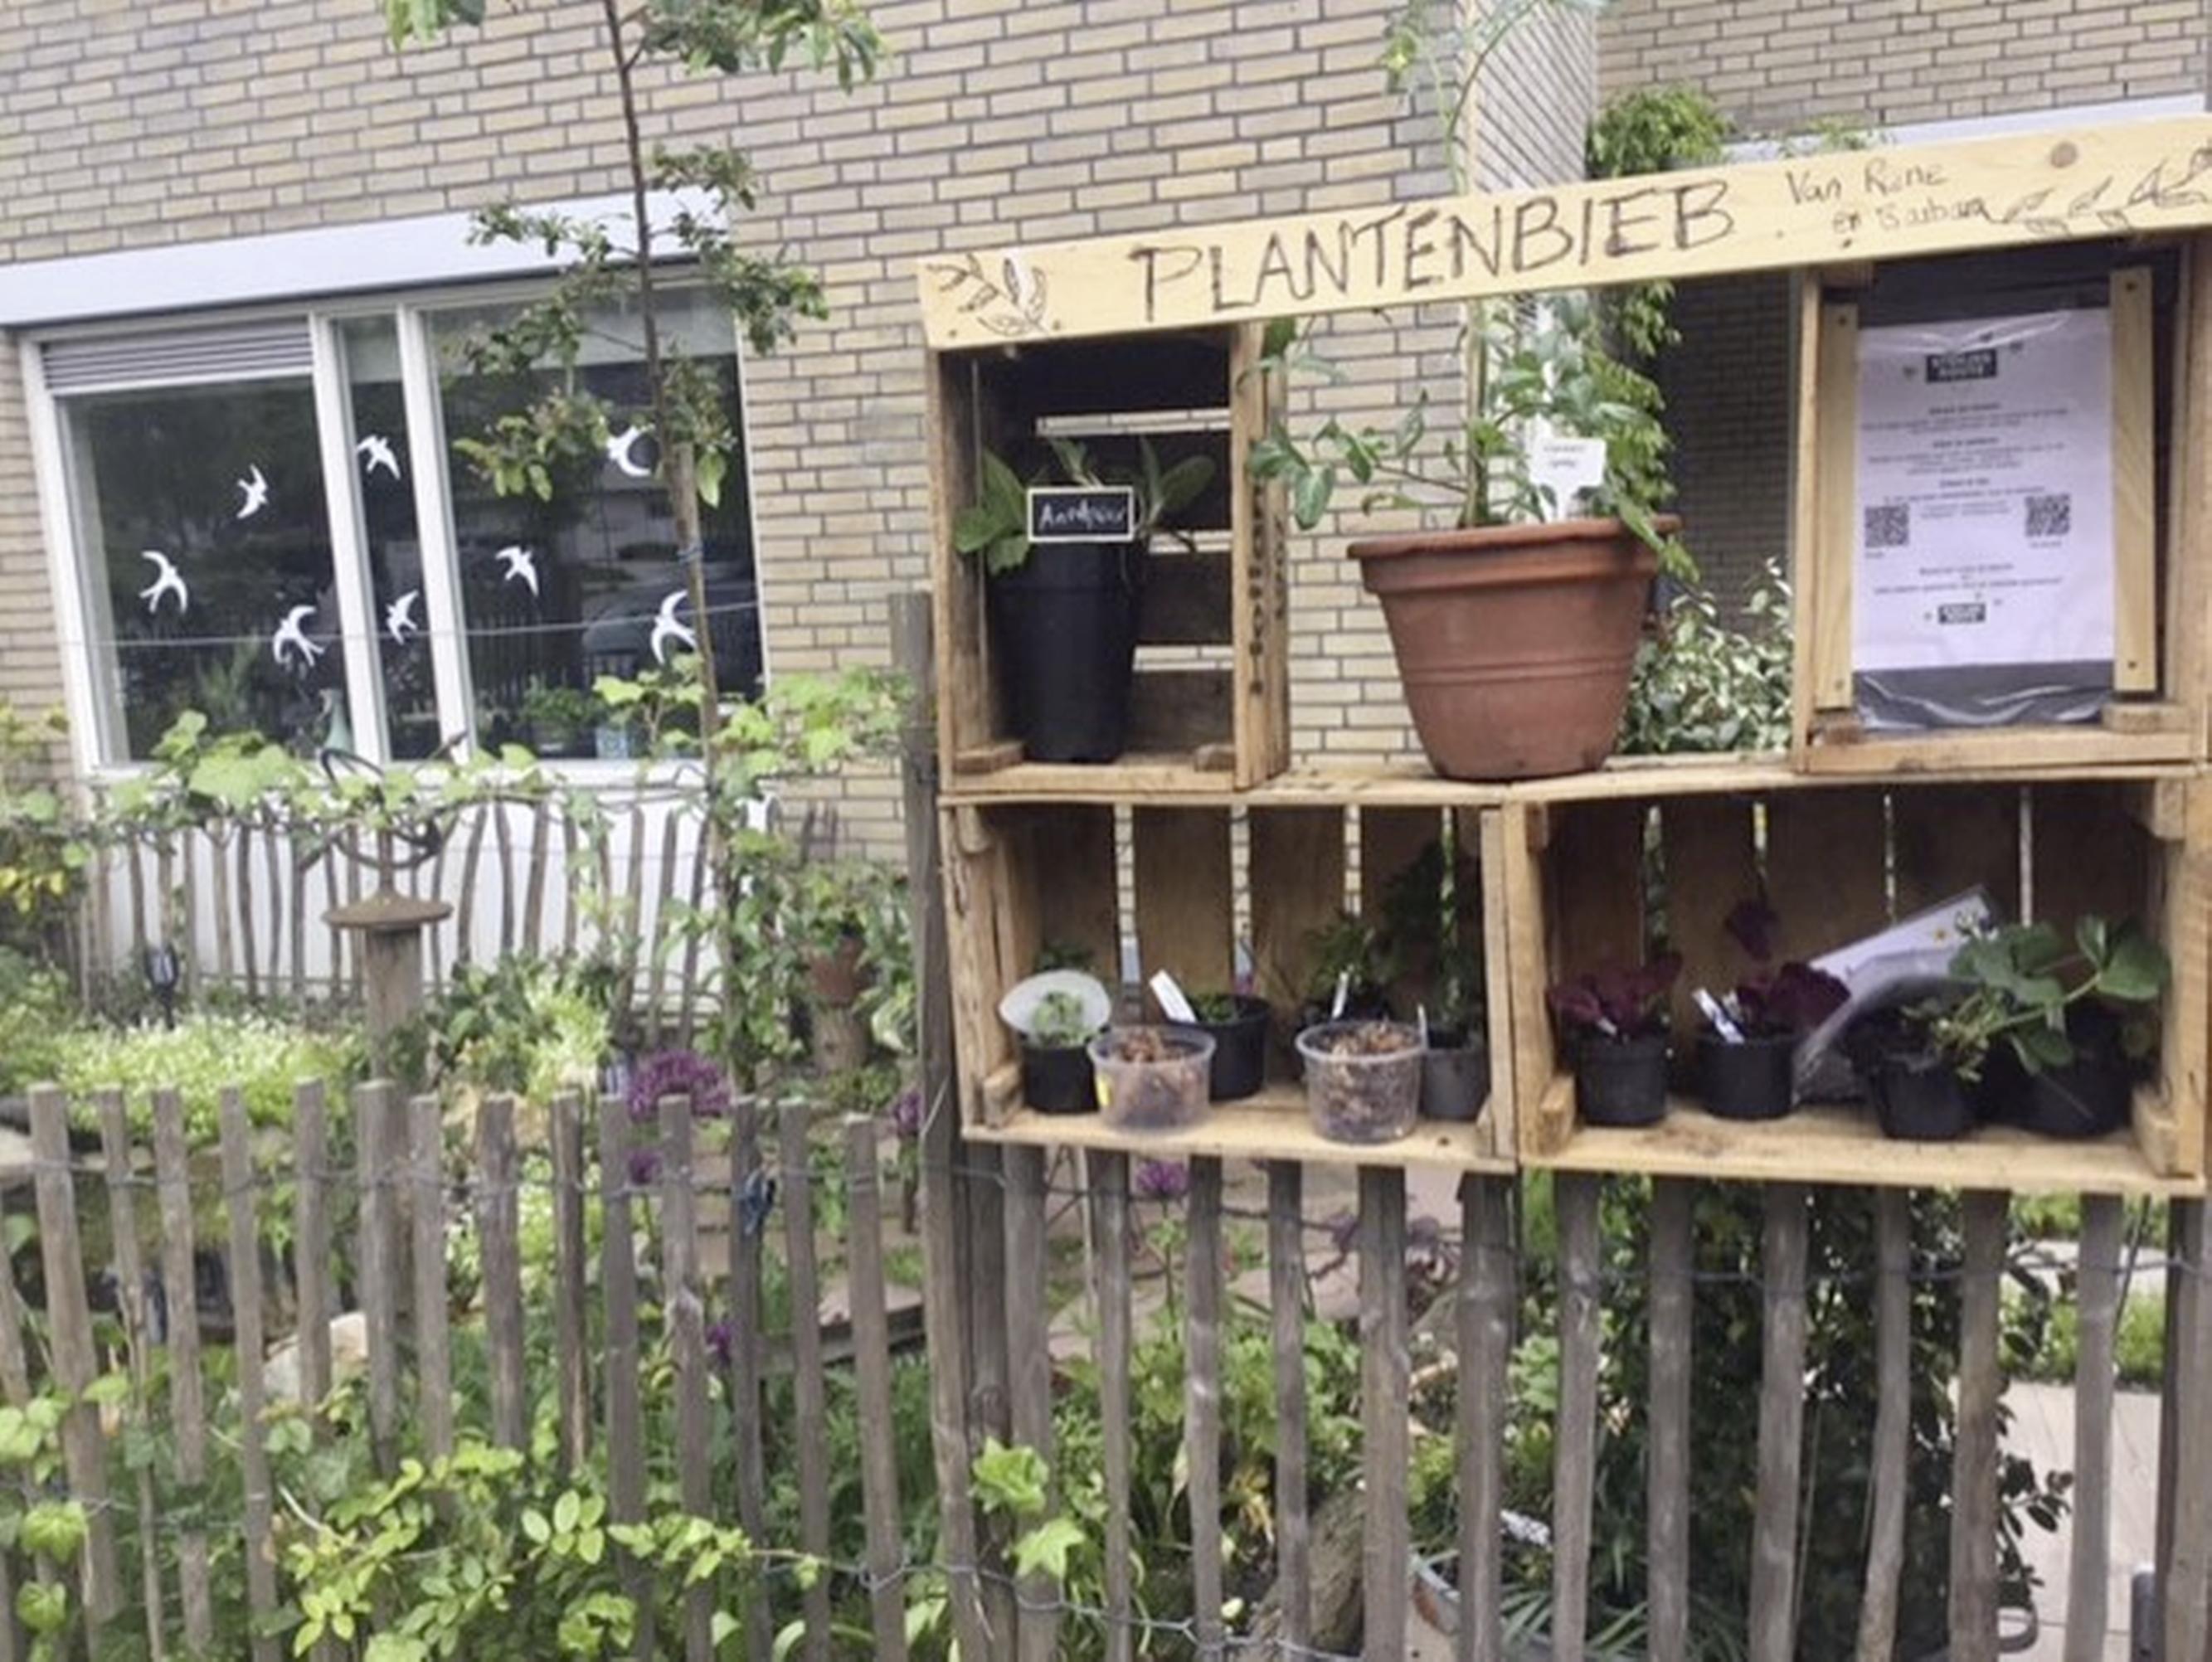 De eerste Heemsteedse plantjesbieb van René en Barbara zorgt voor verbroedering. 'Iedereen mag een stekje komen halen'